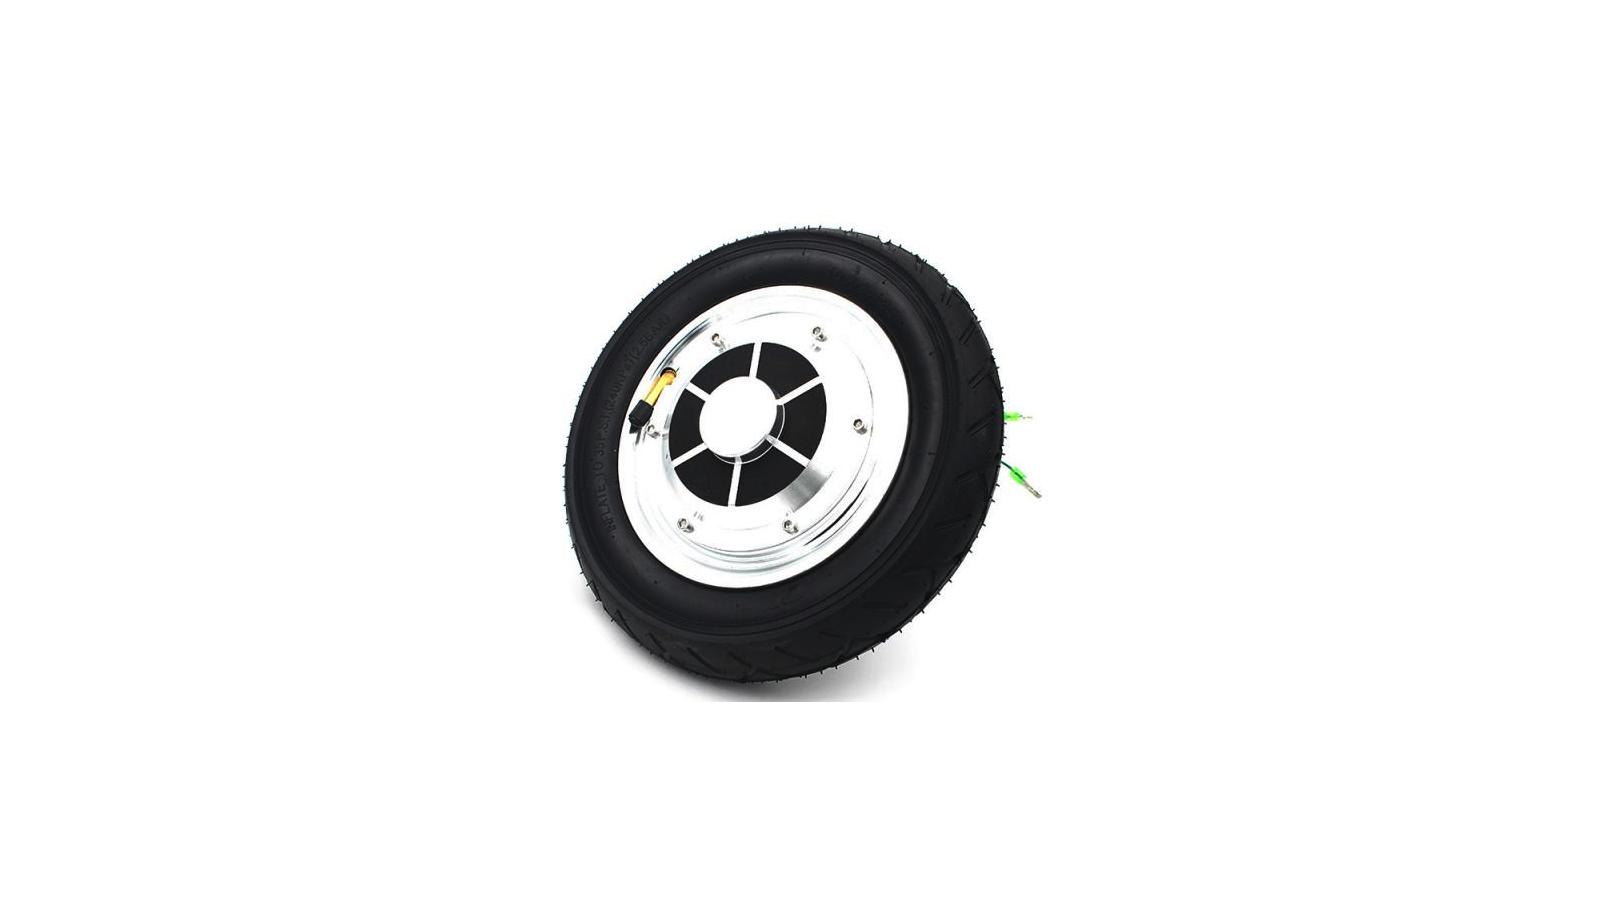 Ruota con Motore integrato per Hoverboard 10 pollici potenza 350W